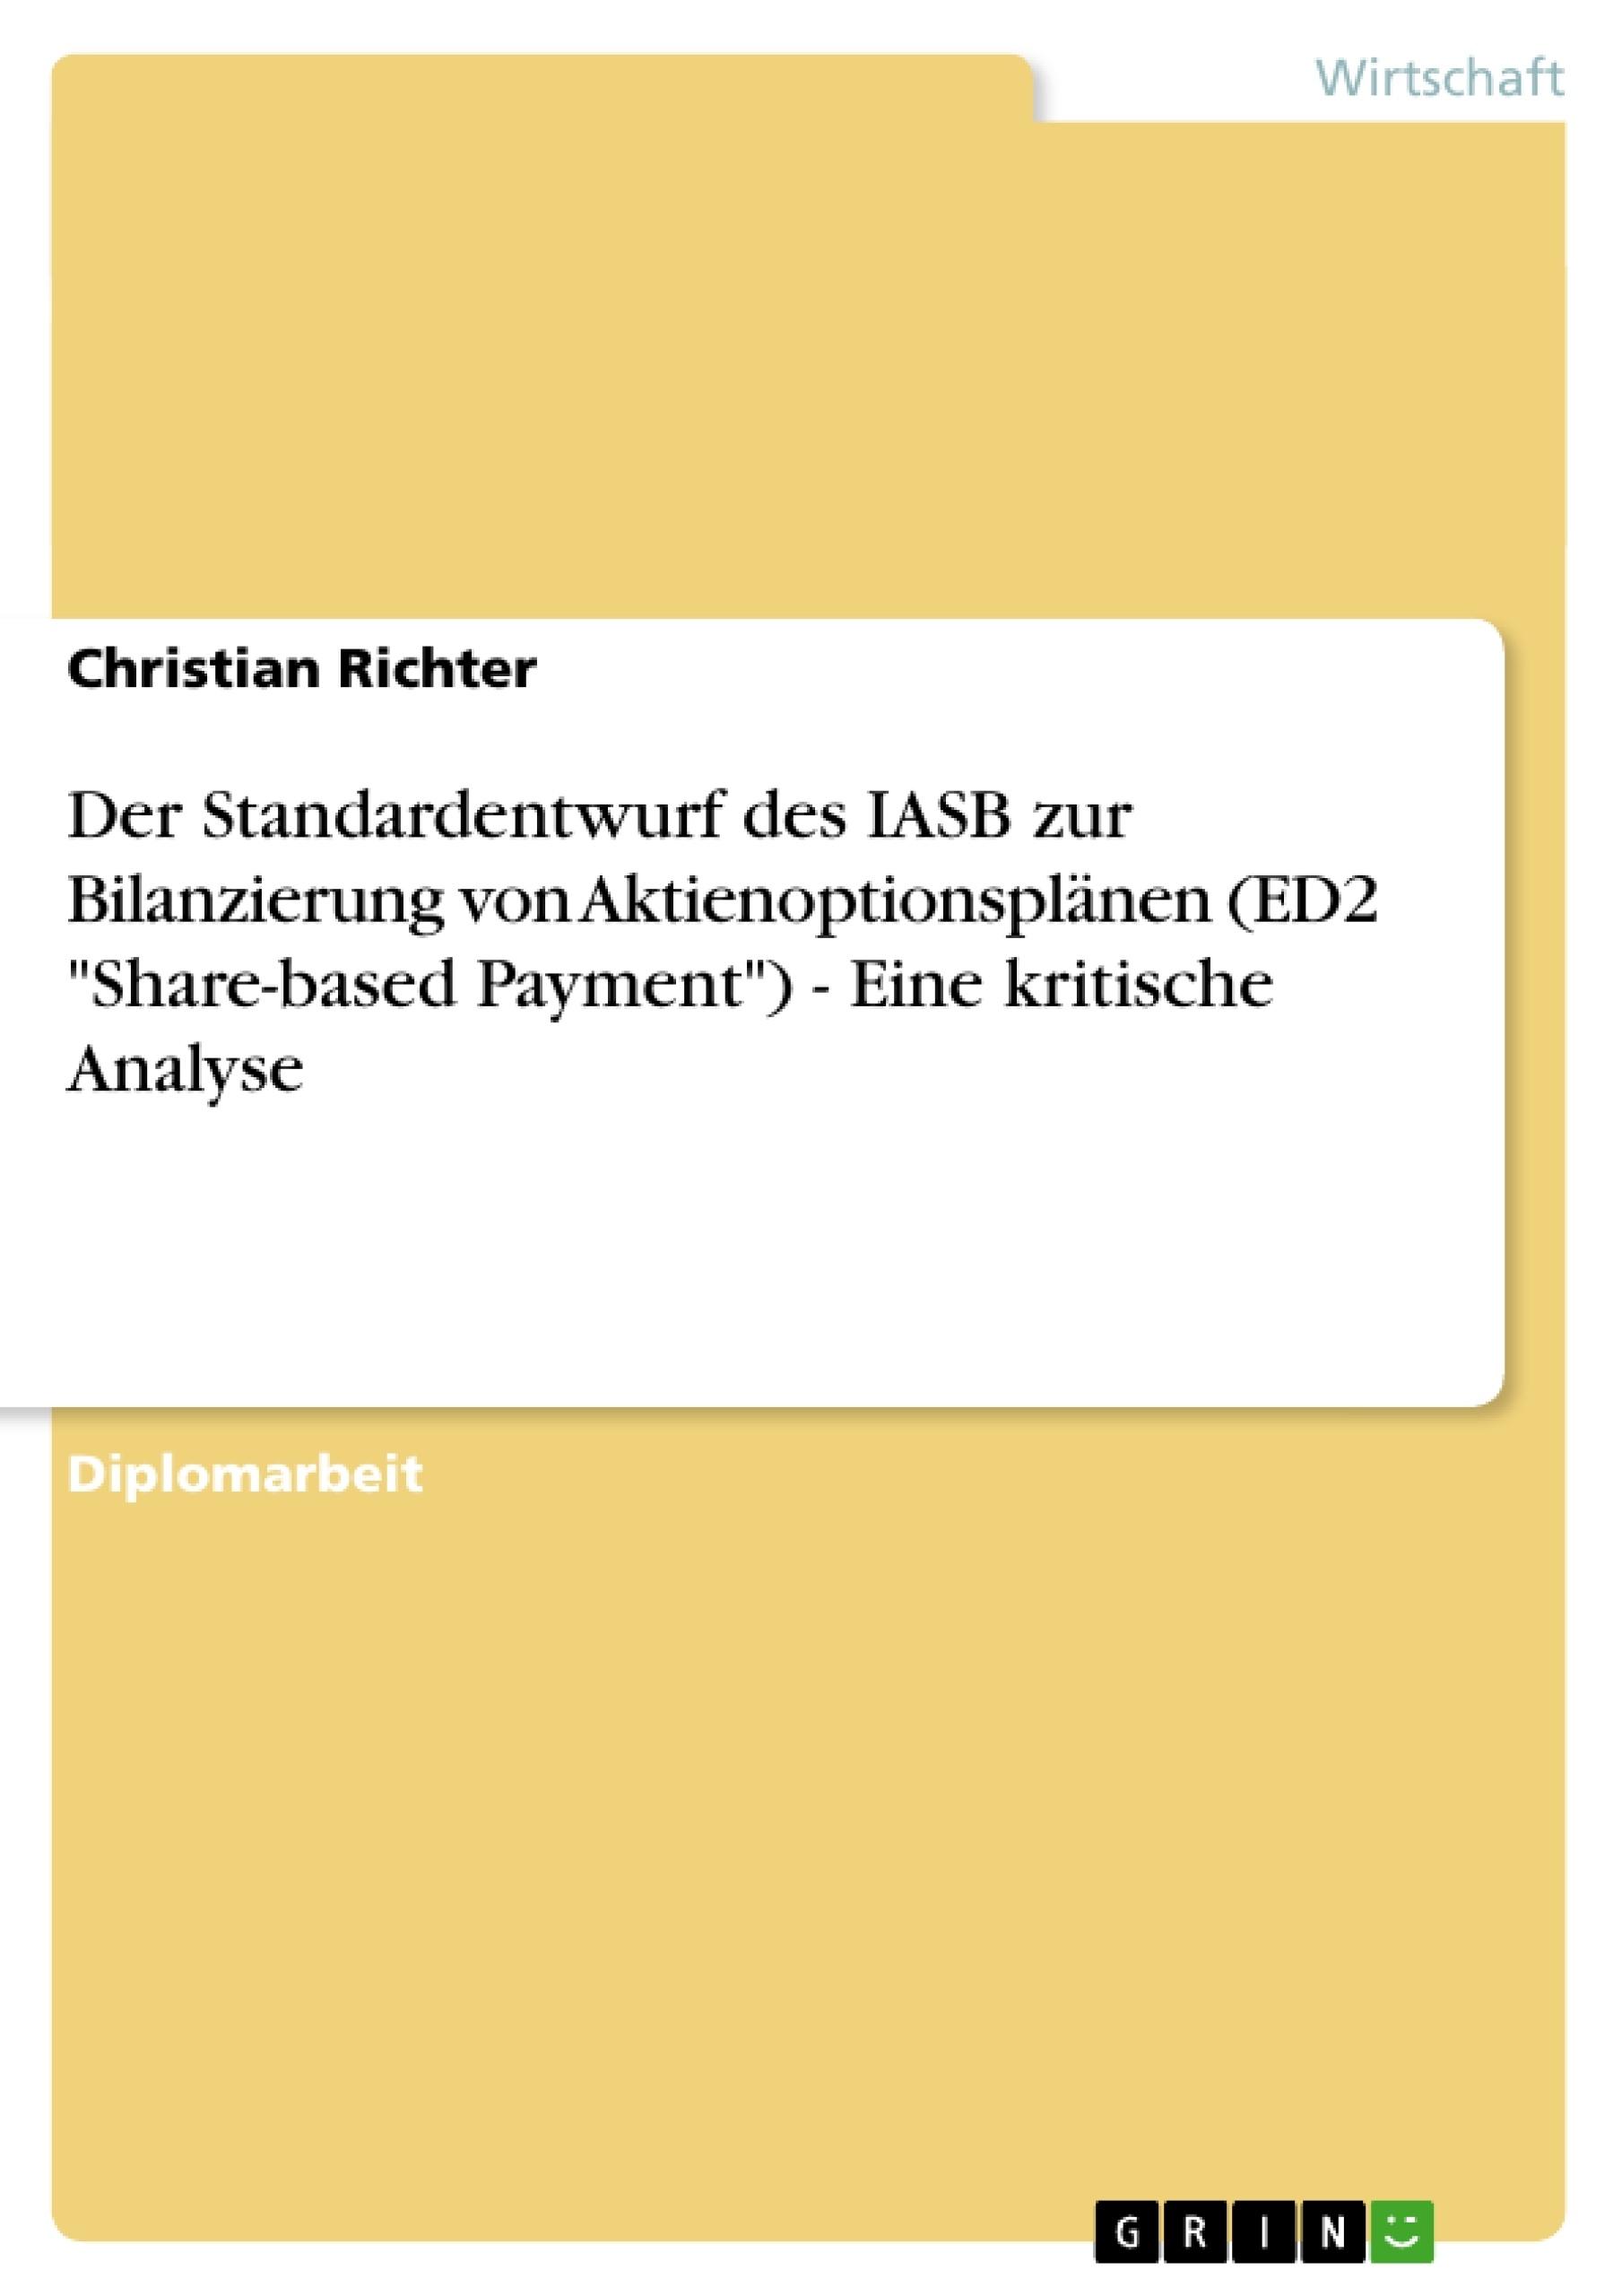 """Titel: Der Standardentwurf des IASB zur Bilanzierung von Aktienoptionsplänen (ED2 """"Share-based Payment"""") - Eine kritische Analyse"""